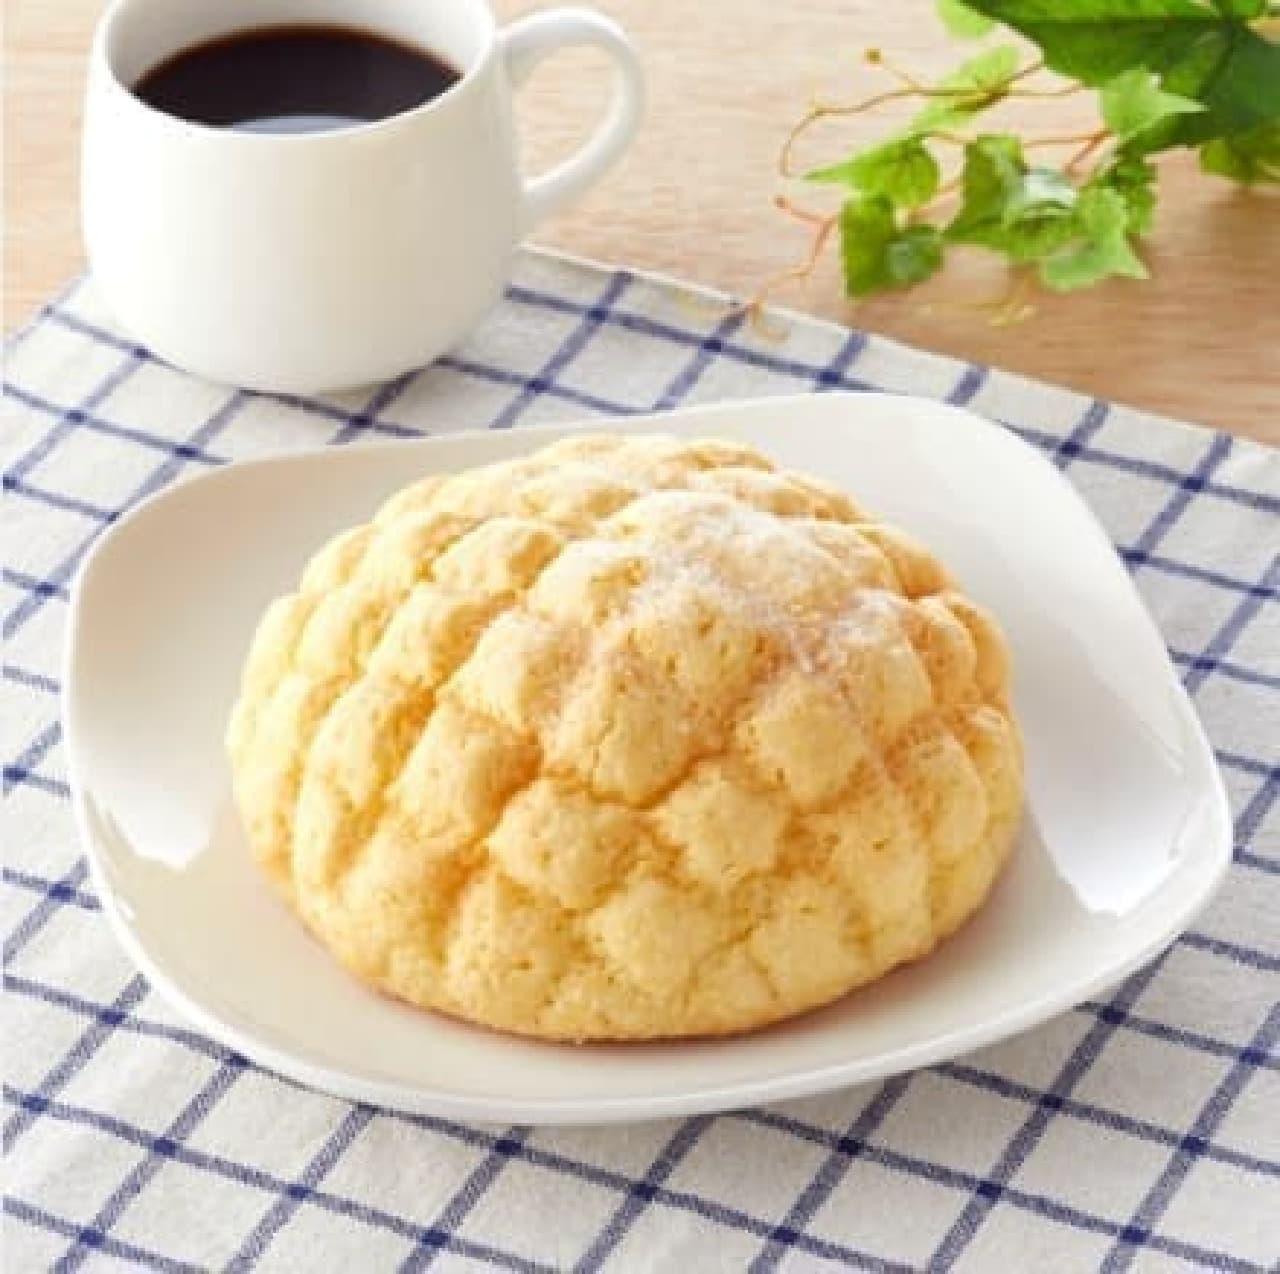 ファミリーマート「発酵バターのメロンパン」